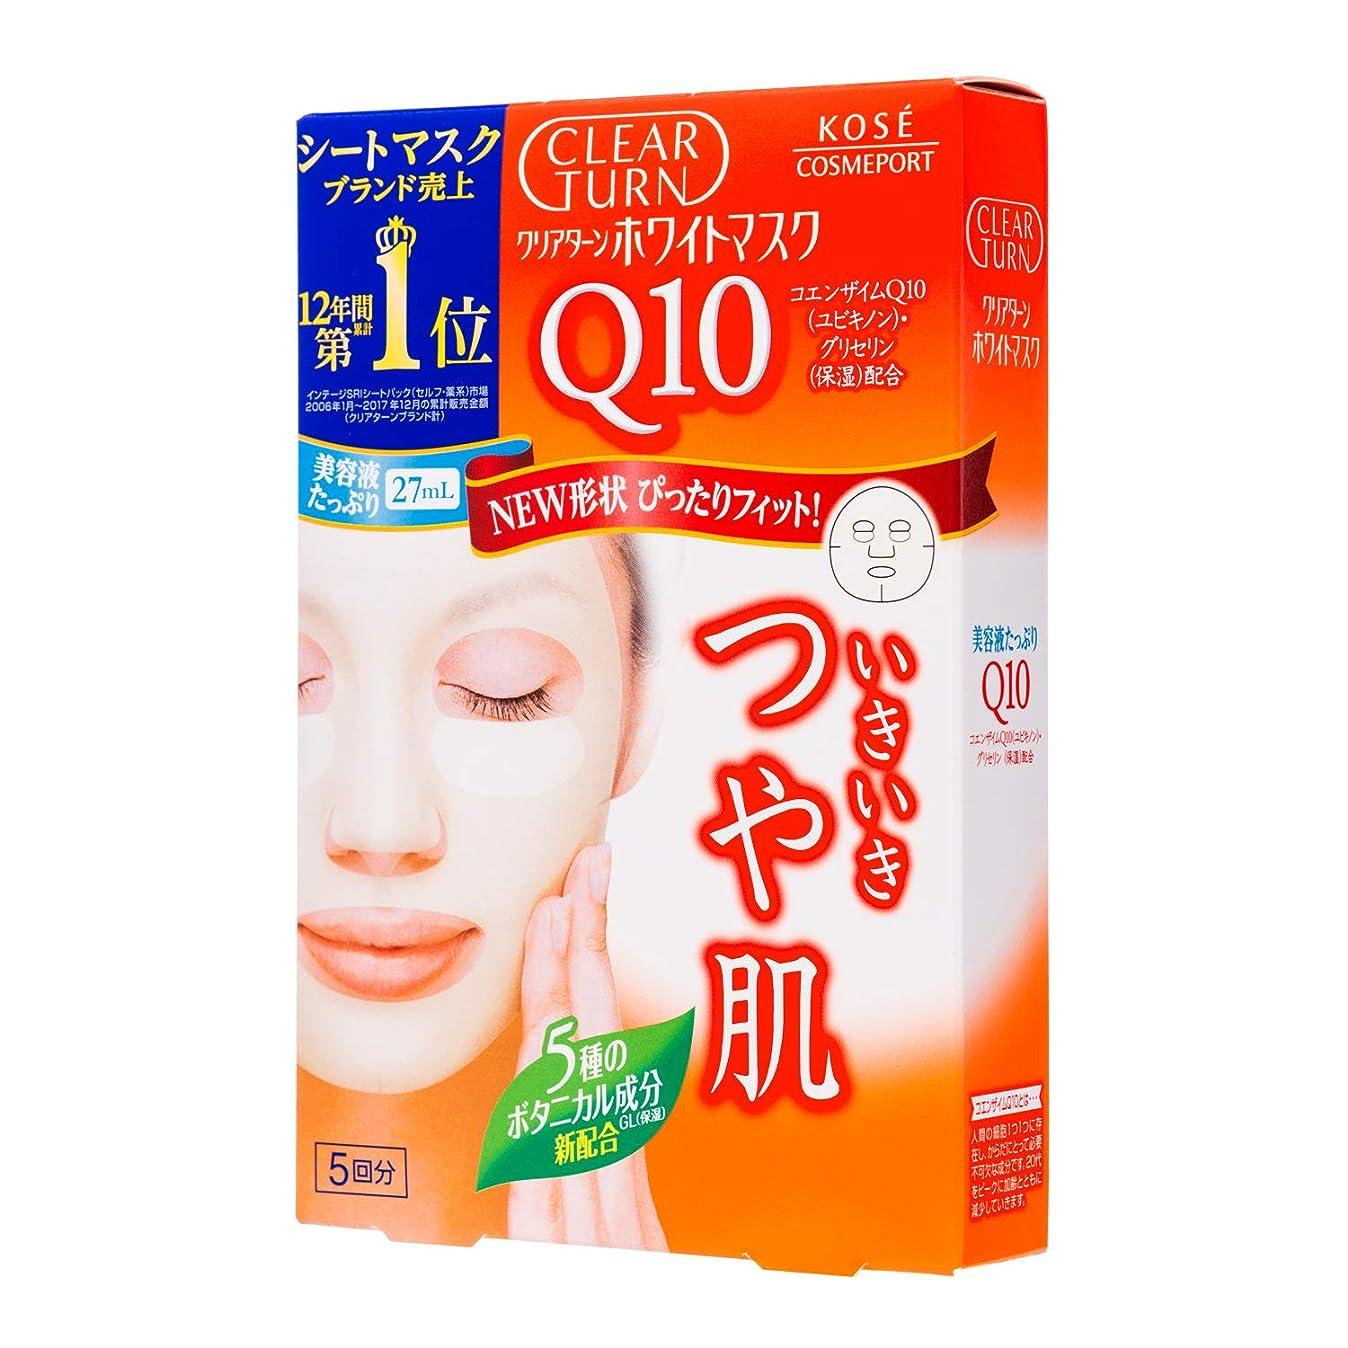 ふける無結紮クリアターン ホワイト マスク Q10 c (コエンザイムQ10) 5回分